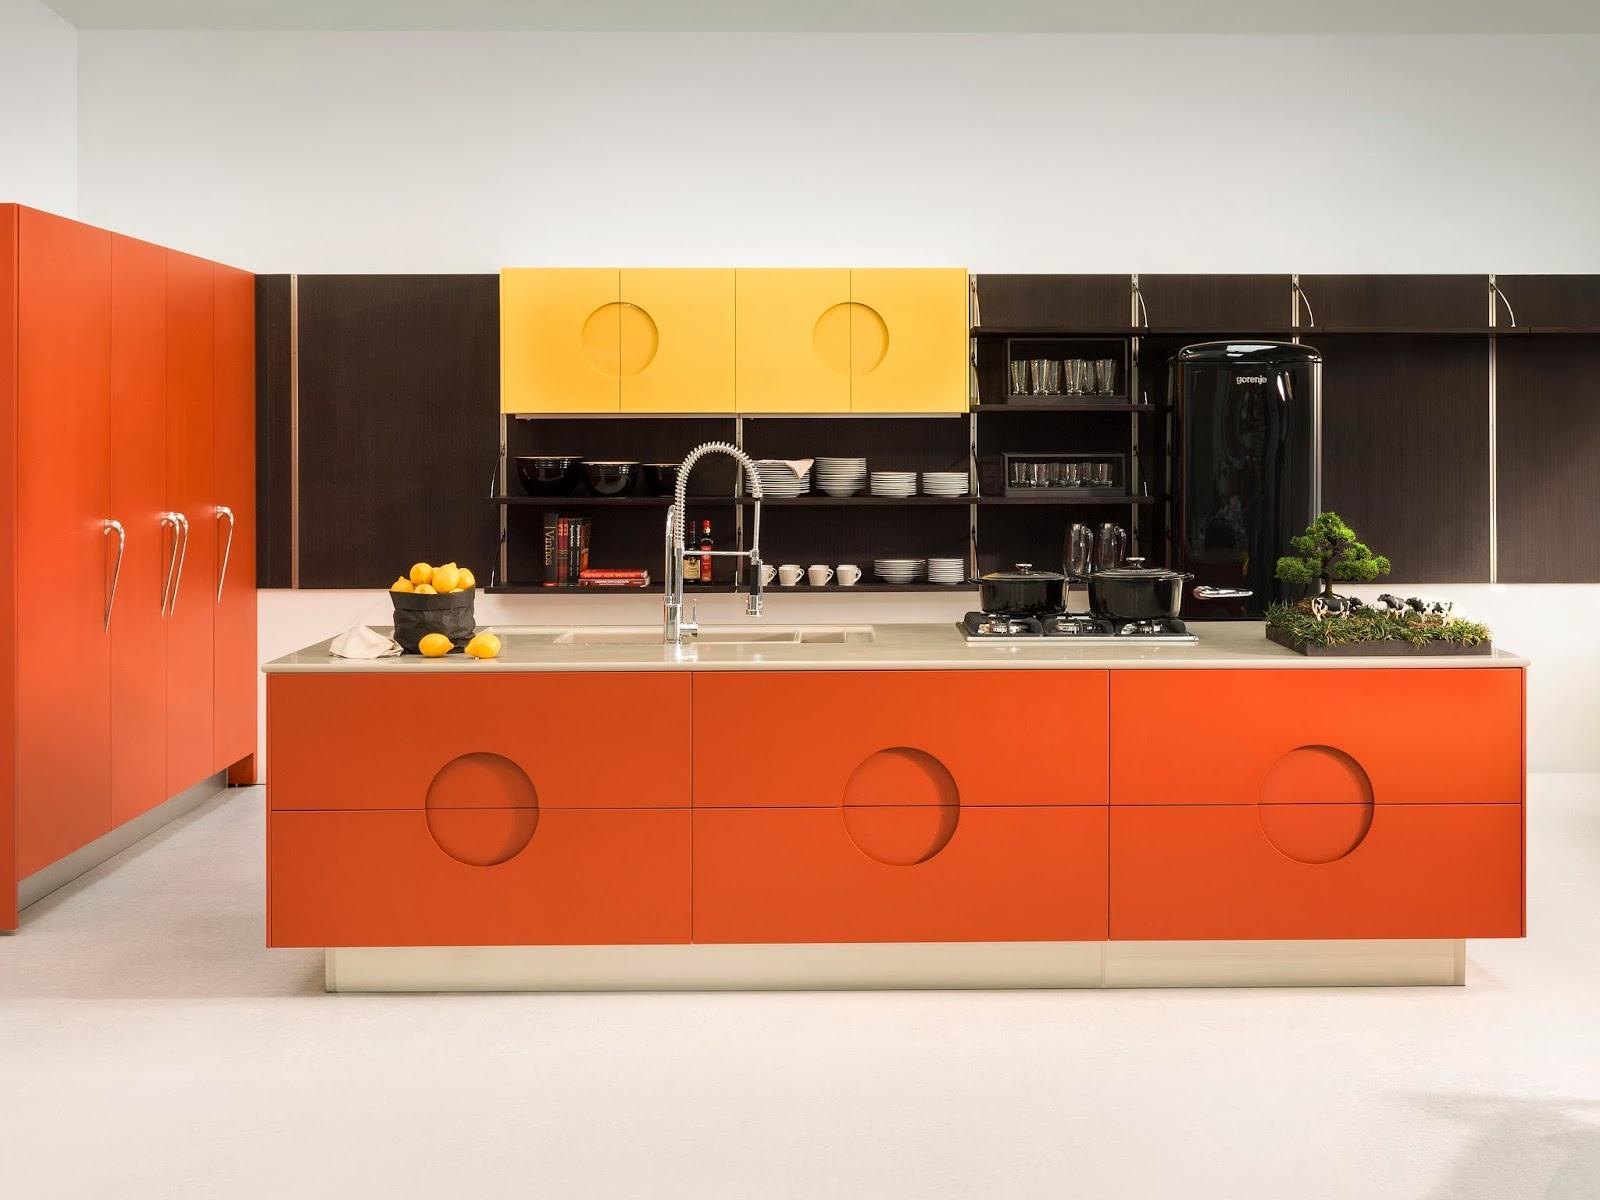 arquiteto e designer Marcelo Rosenbaum na cozinha Bola #C88903 1600 1200